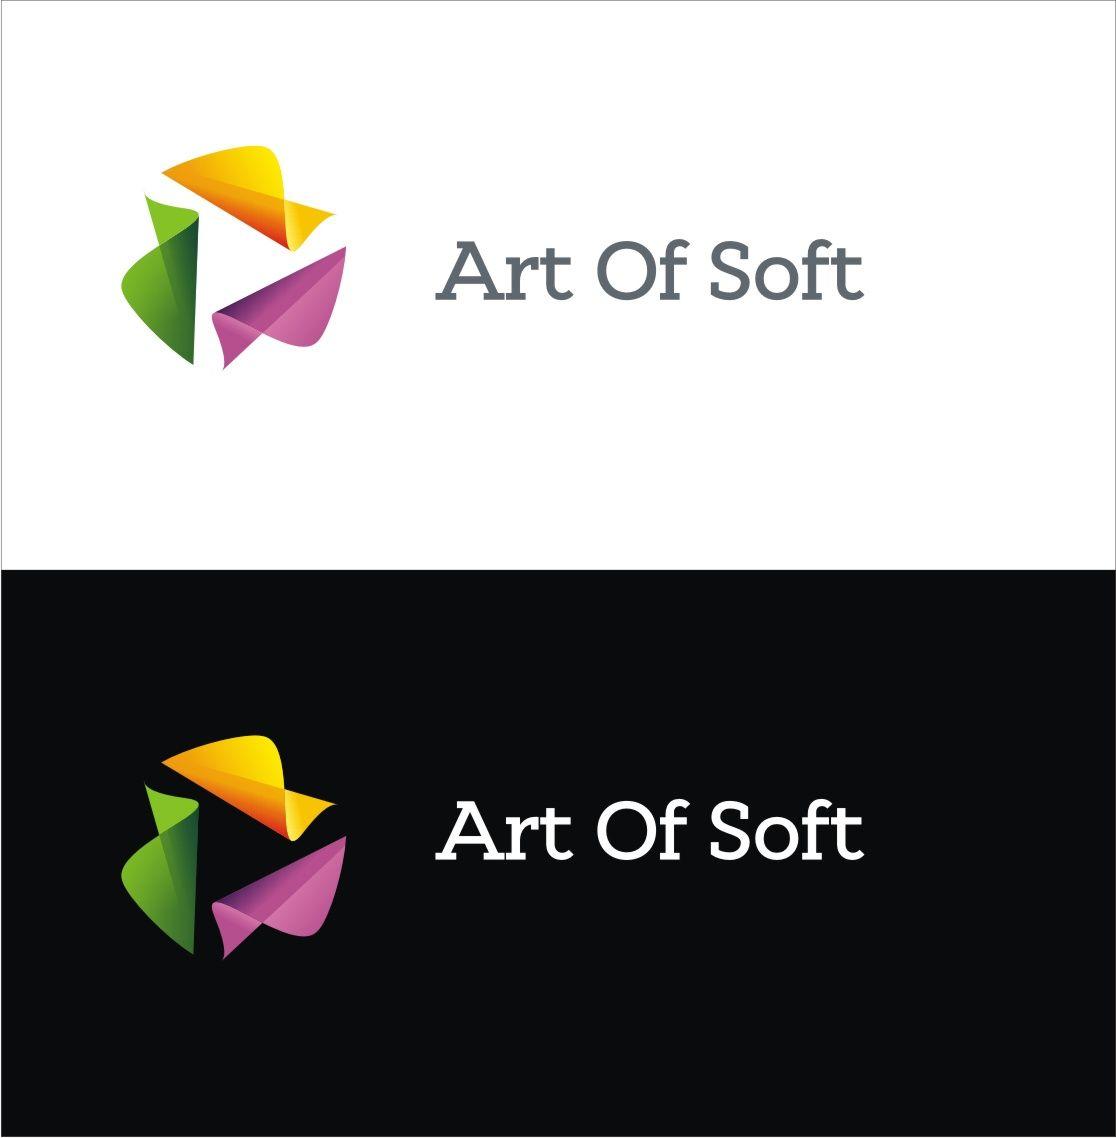 Логотип и фирменный стиль для разработчика ПО - дизайнер Olegik882